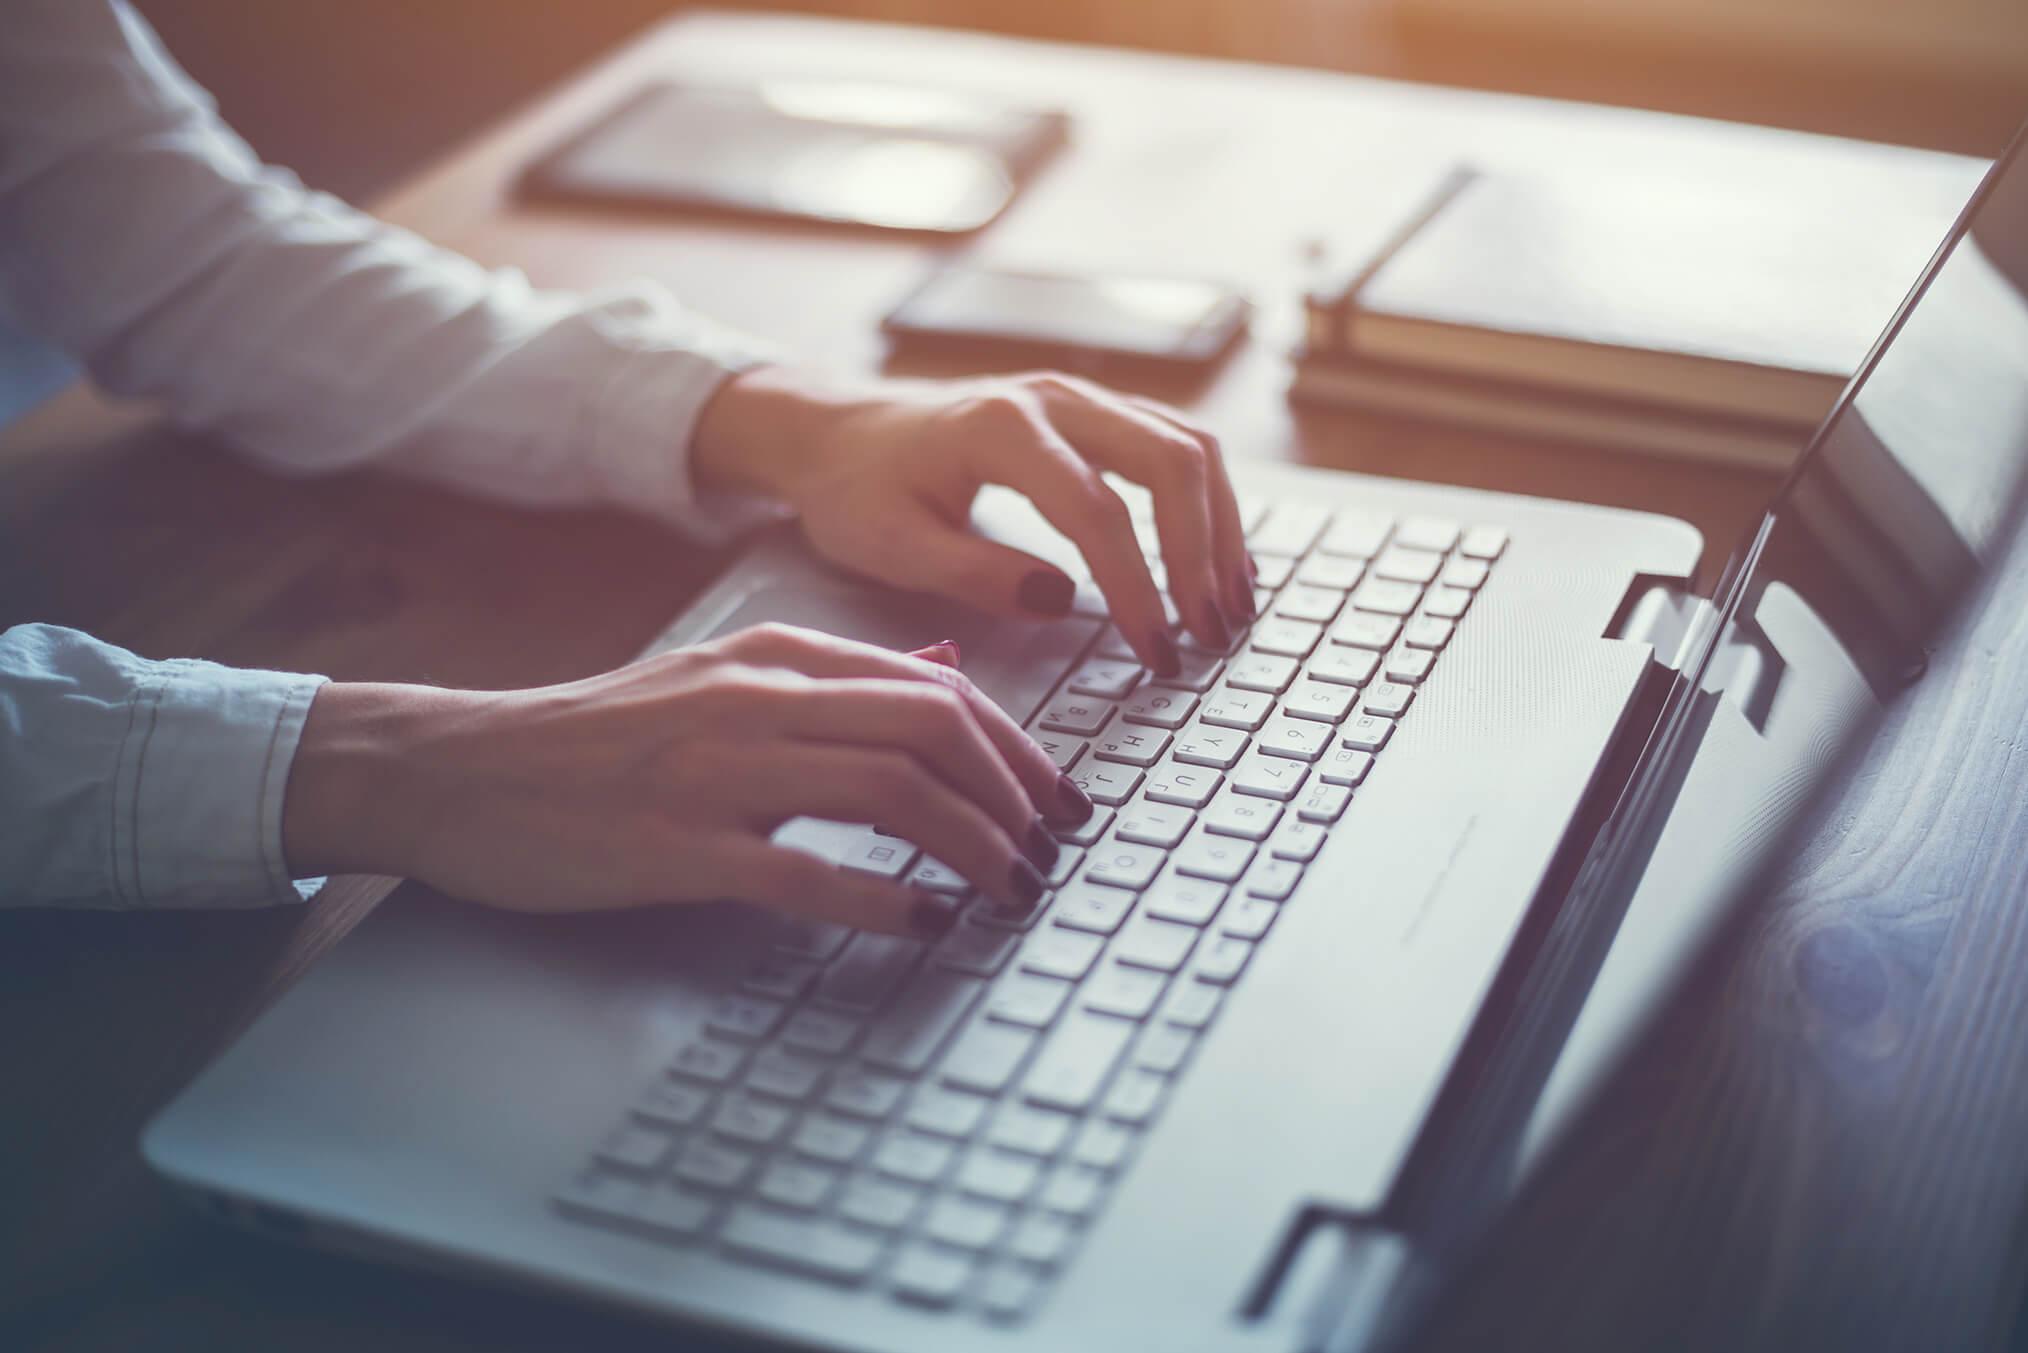 Cách khắc phục lỗi Bàn phím Laptop không gõ được chữ dễ dàng nhất